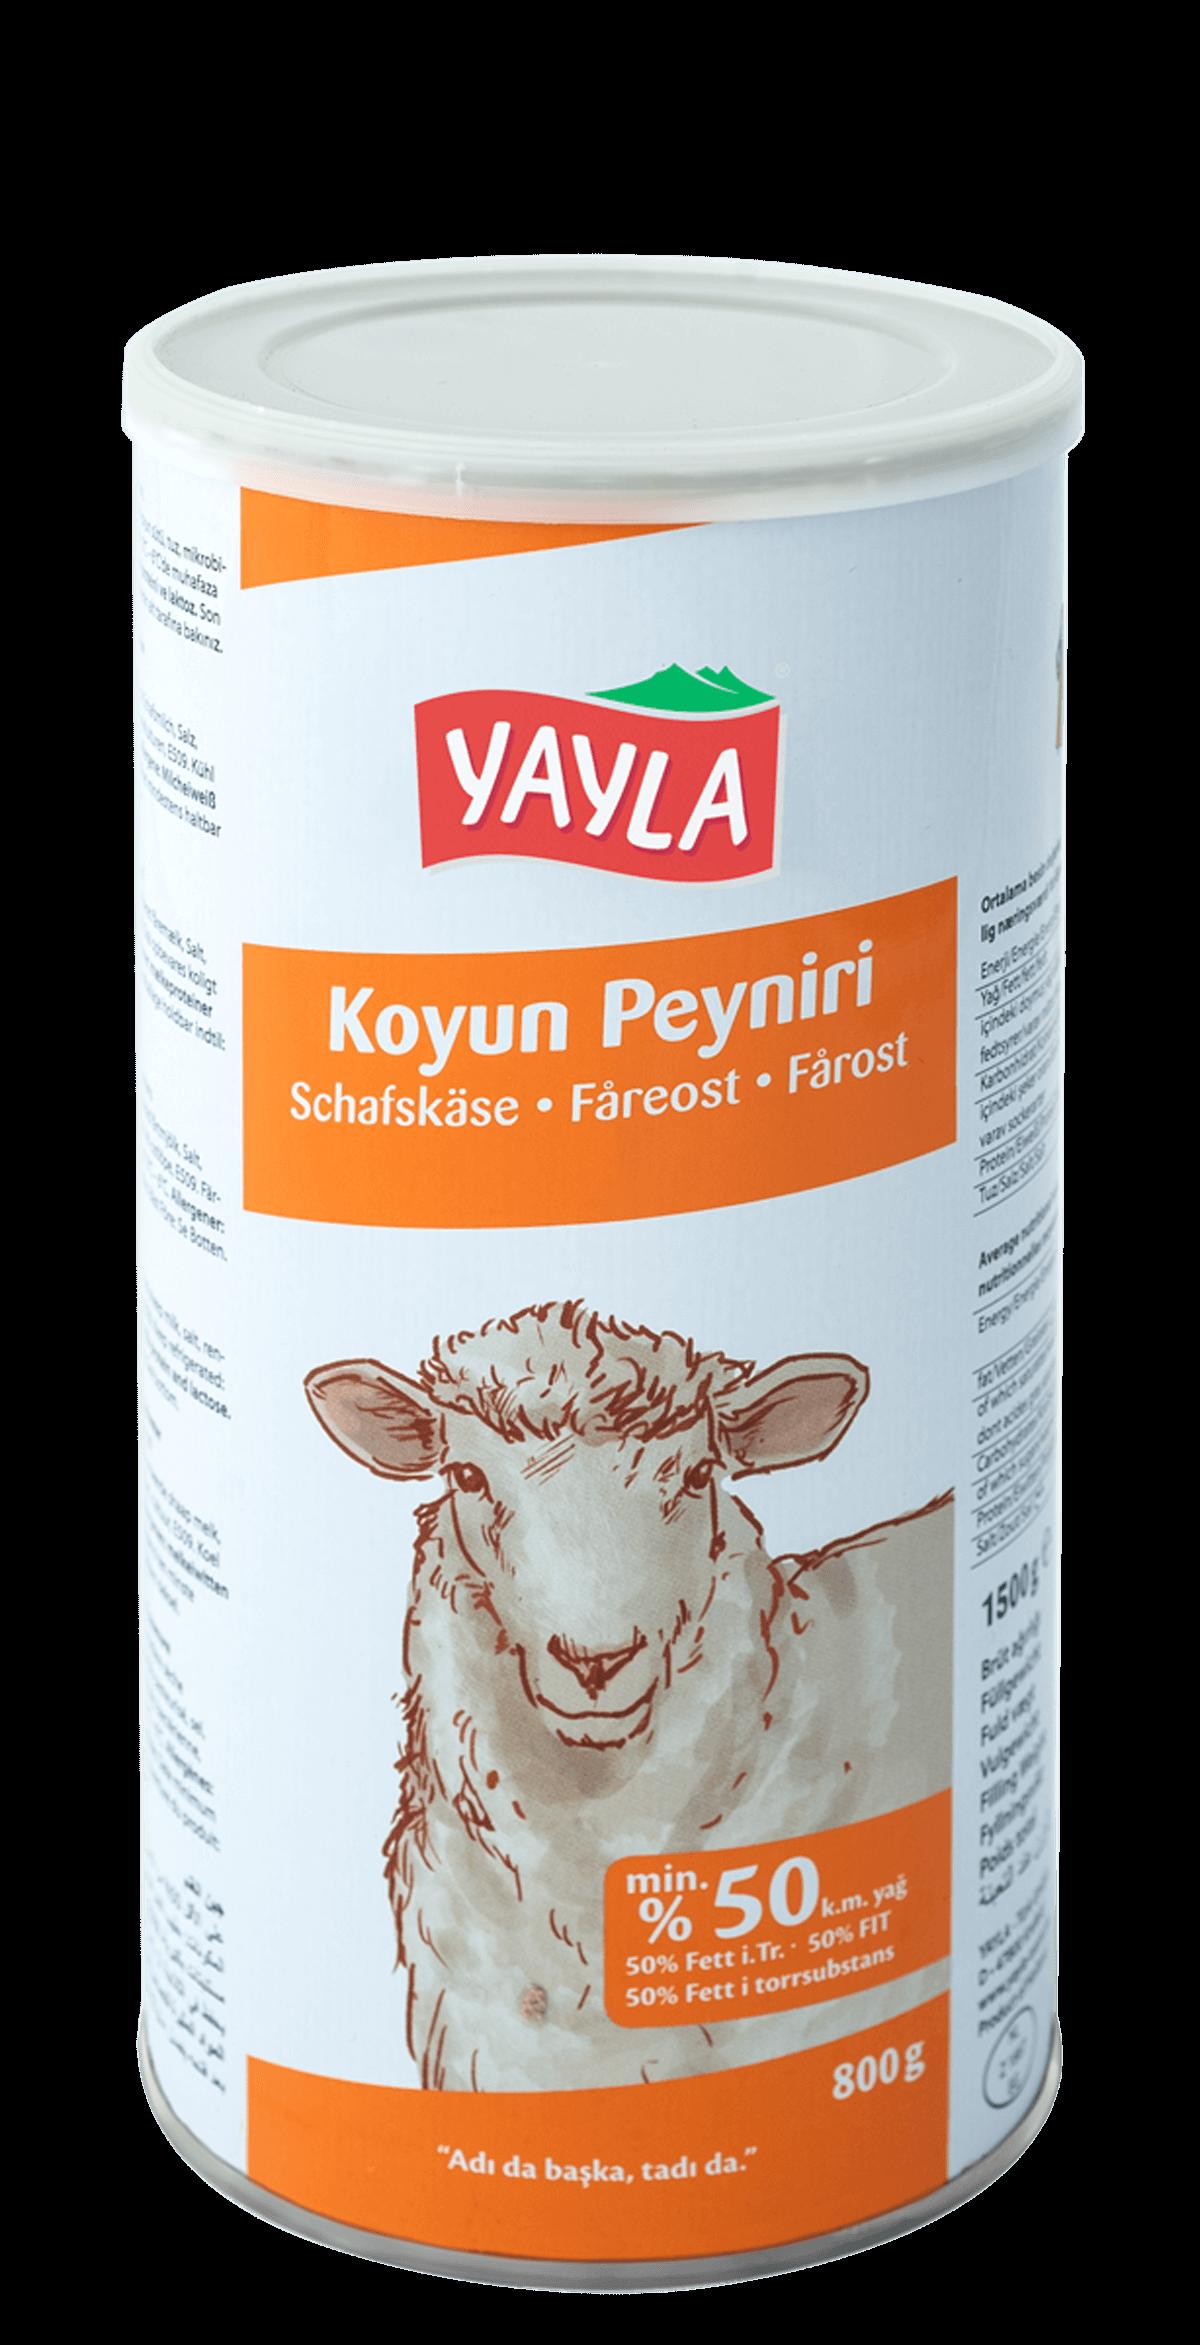 Yayla Koyun Peyniri / Schafskäse 1500g